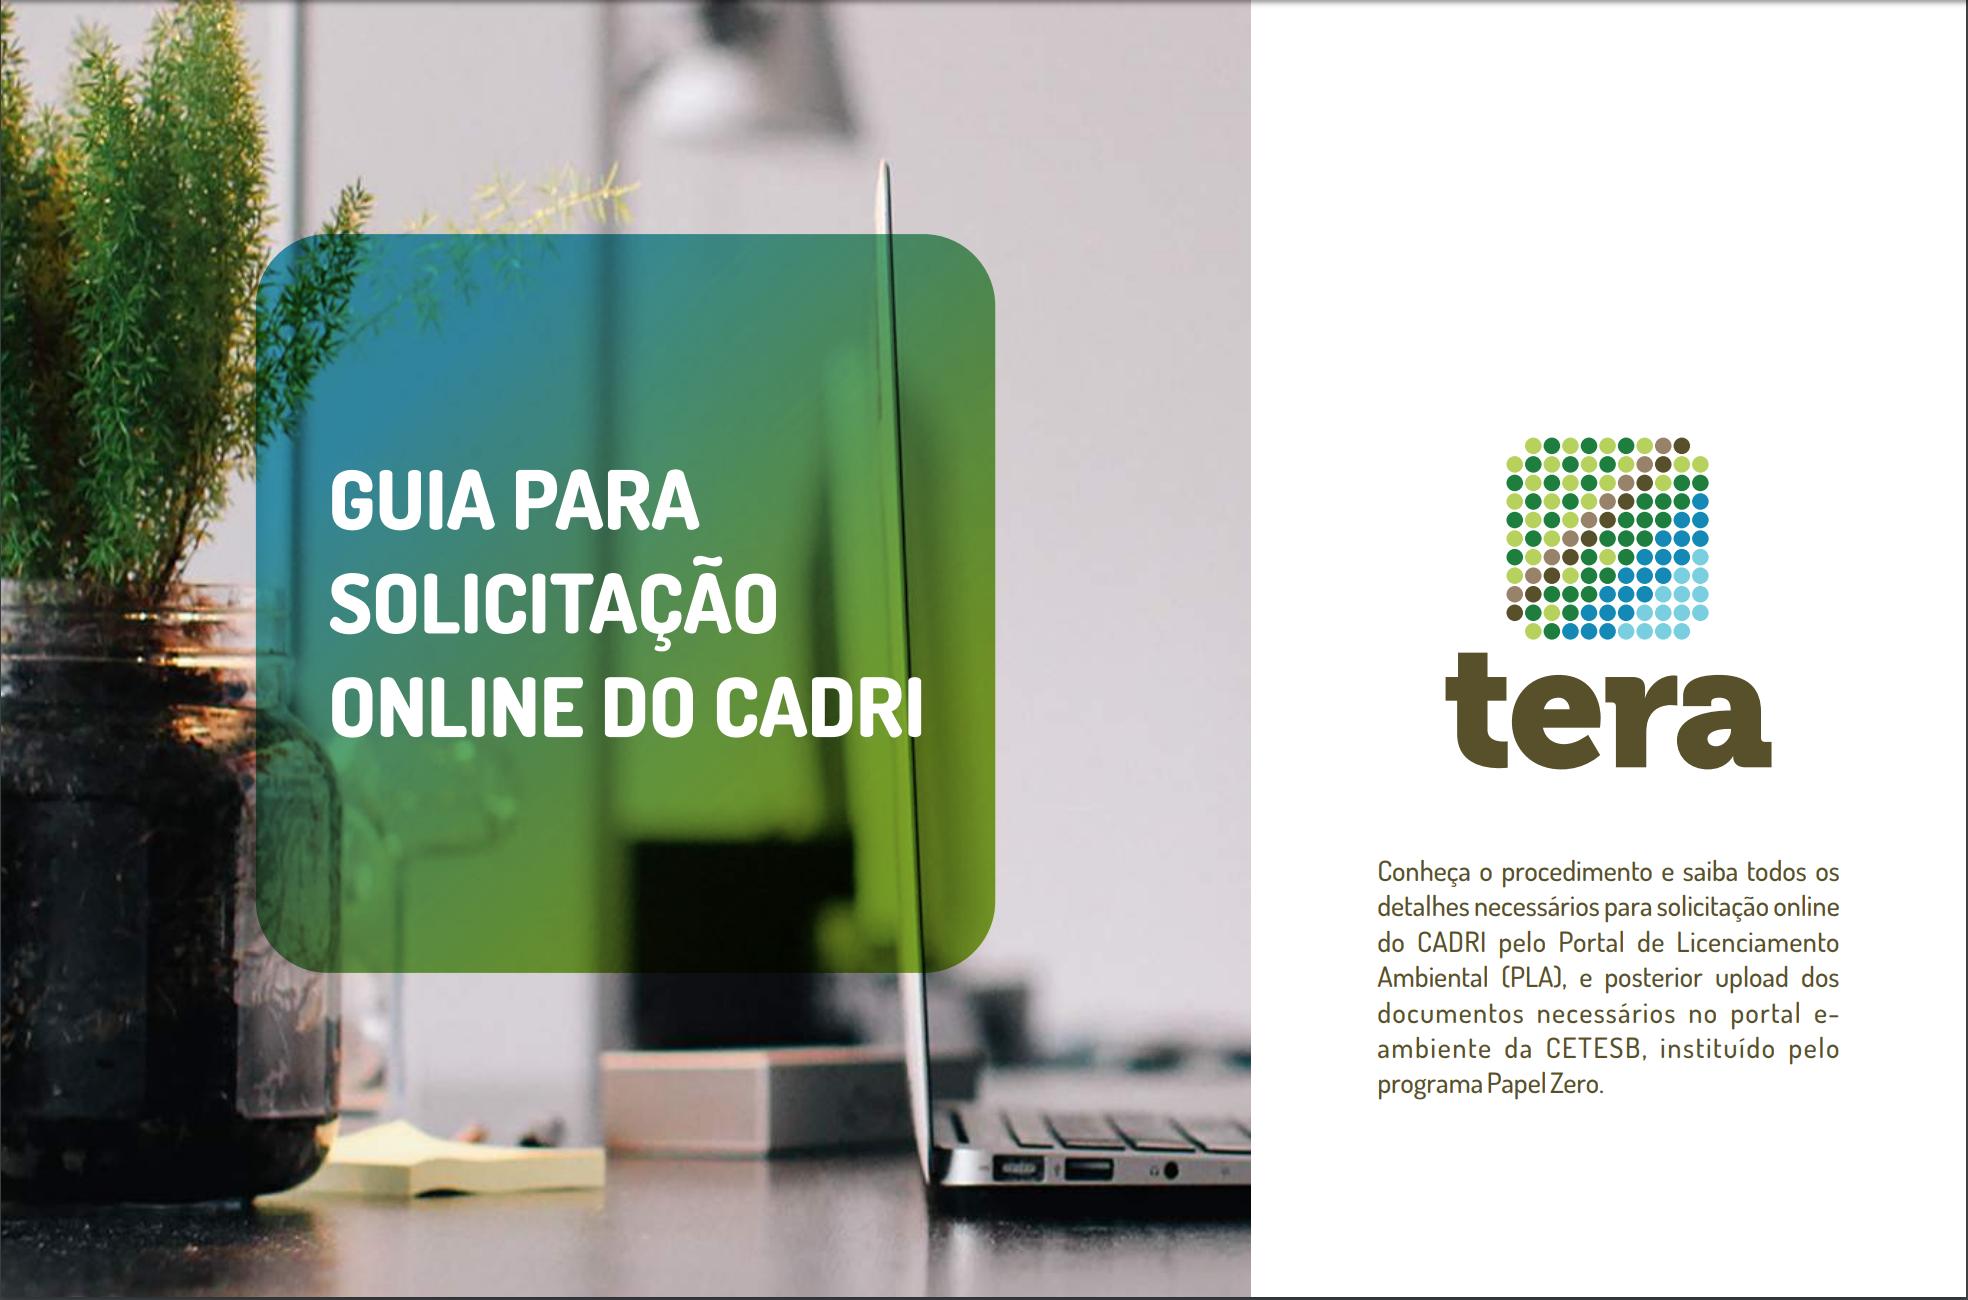 Captura de Tela 2017-12-20 às 08.17.59.png